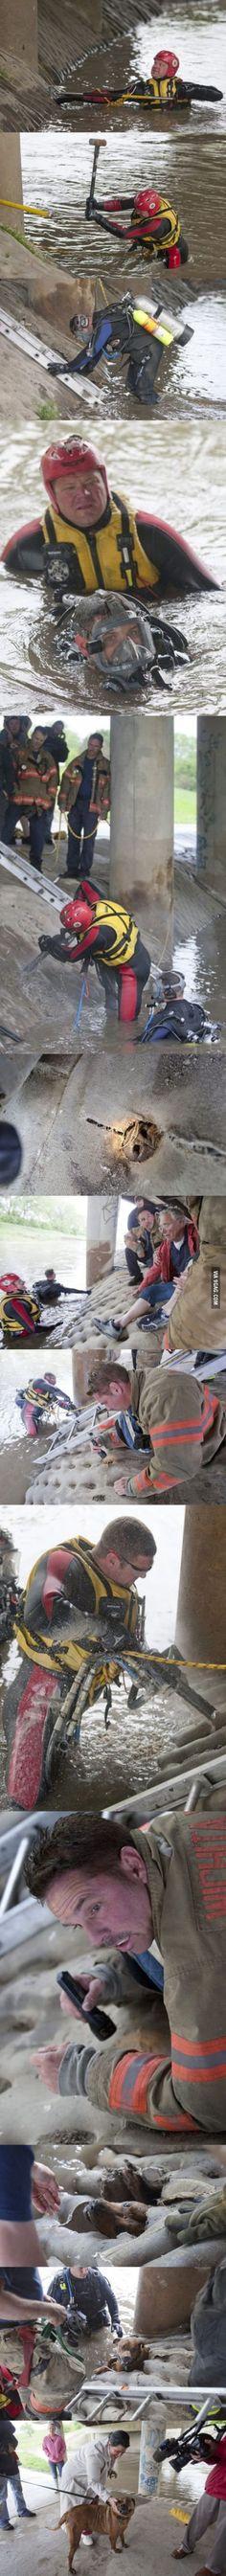 Amazing dog rescue